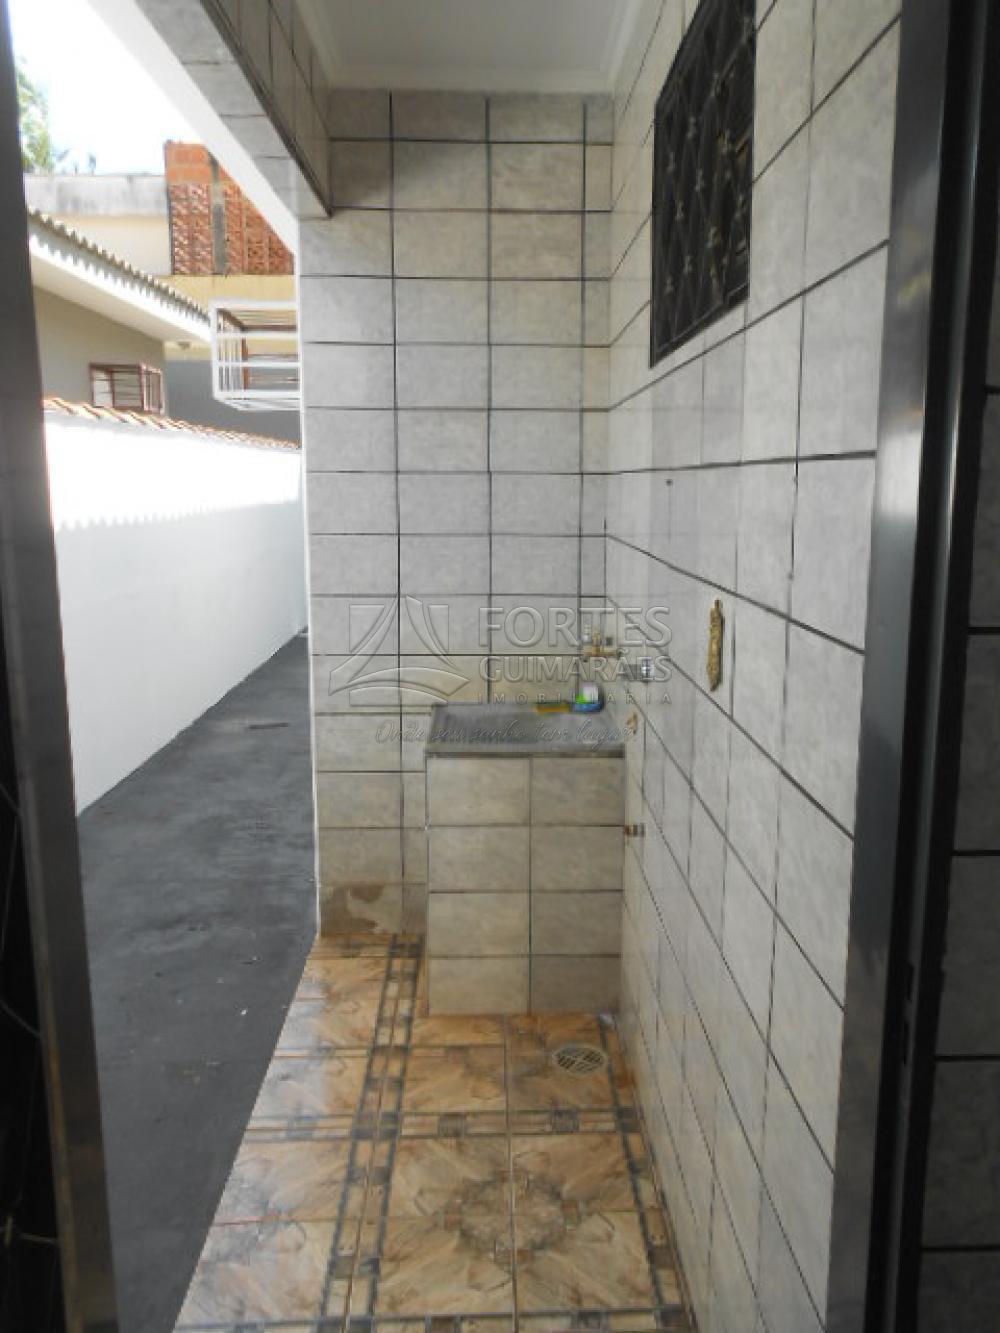 Alugar Casas / Padrão em Ribeirão Preto apenas R$ 950,00 - Foto 32